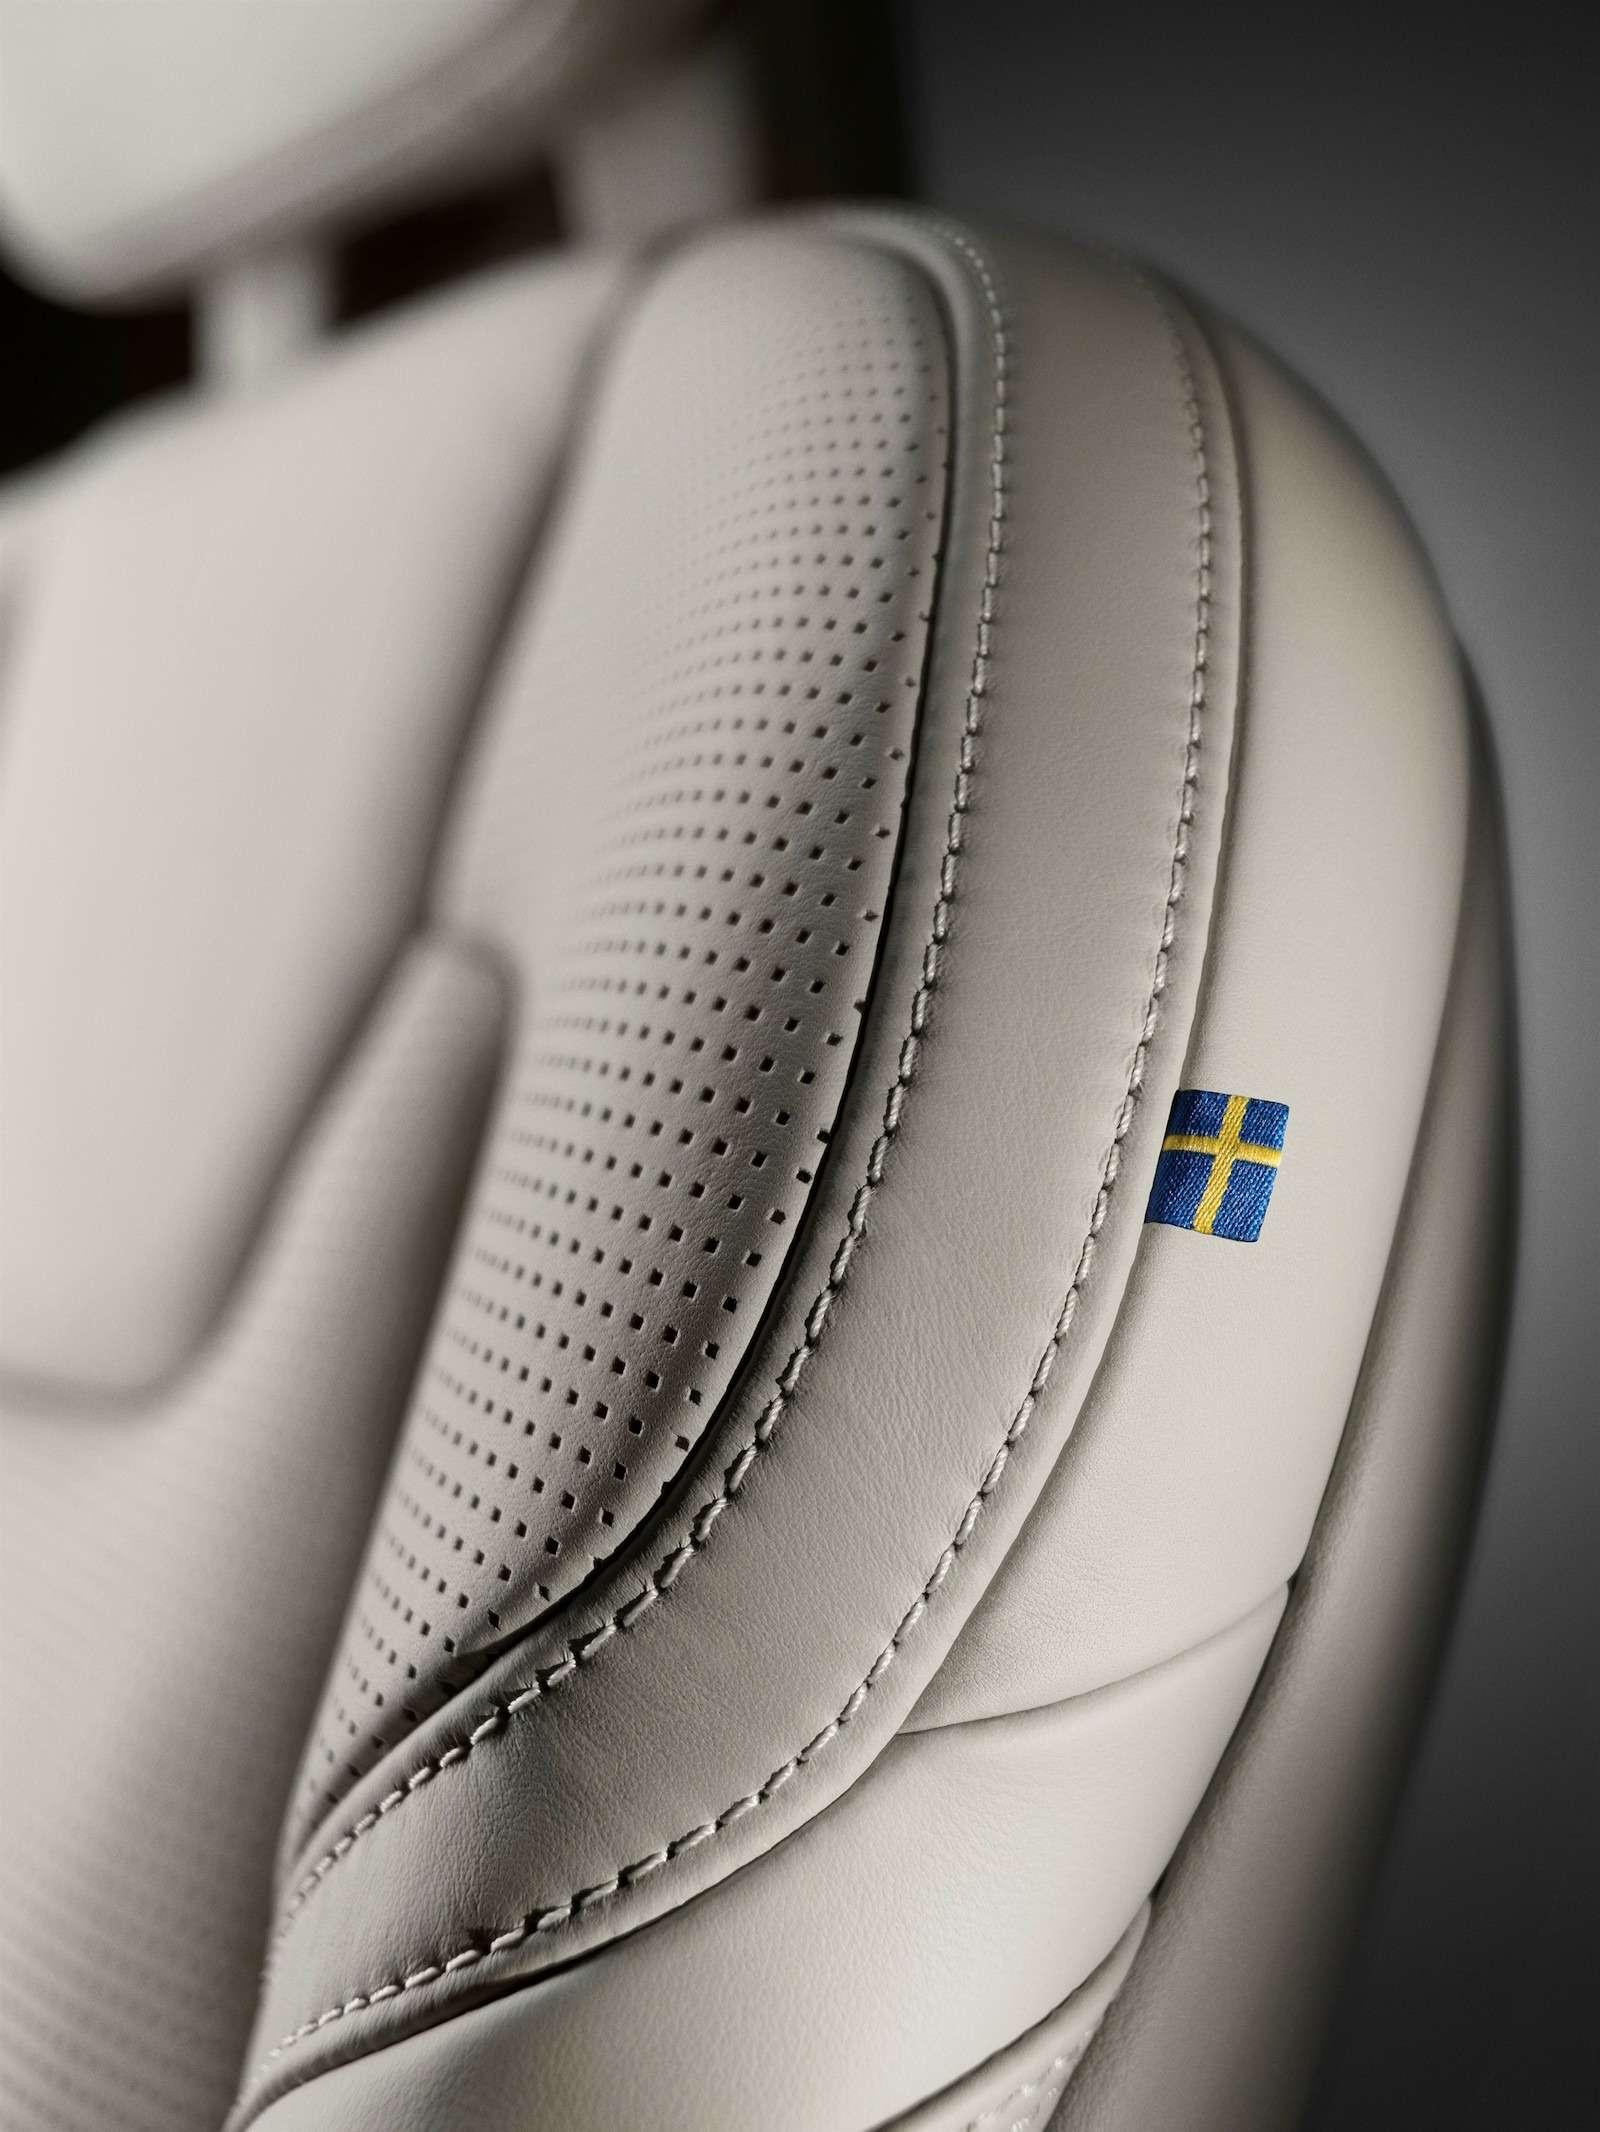 Новый Volvo S90 представили доММАС-2016— фото 621623